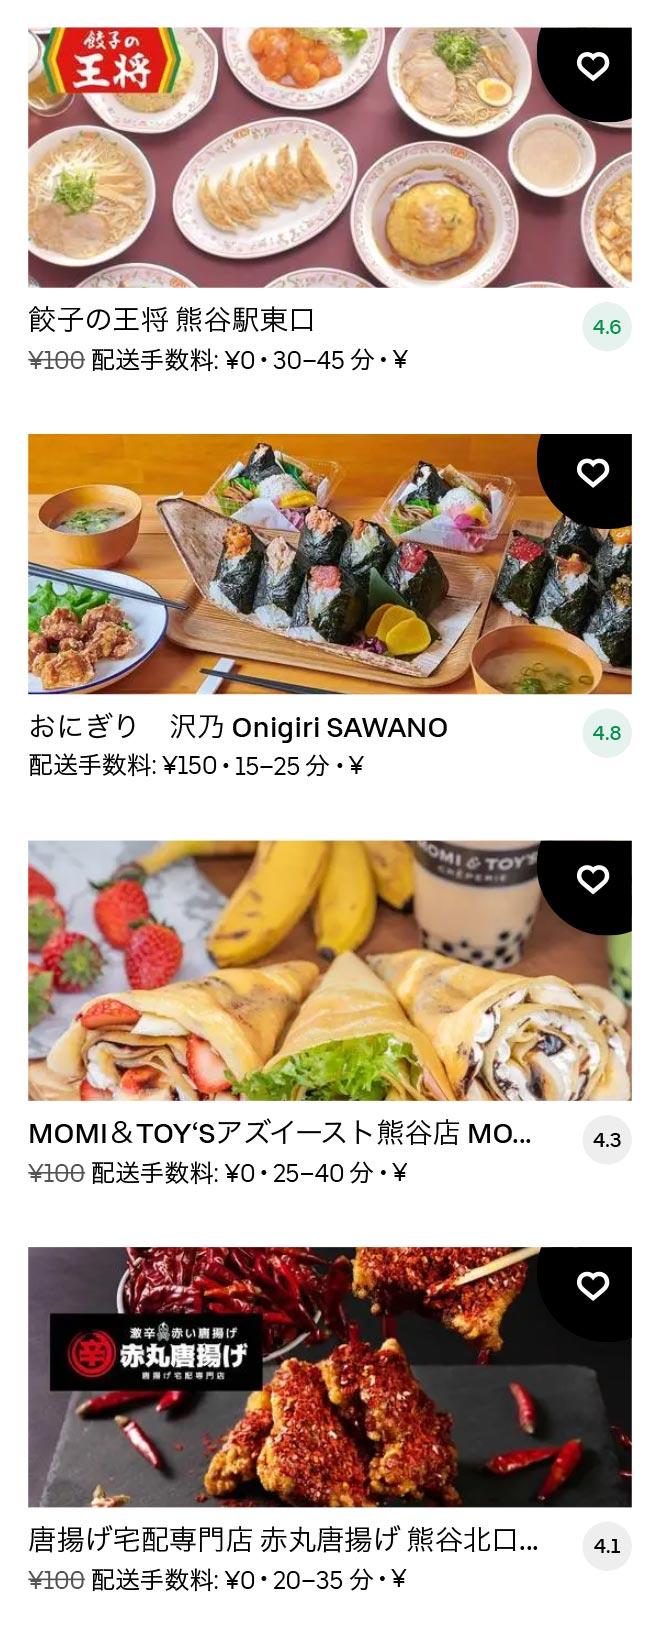 Kumagaya menu 2101 03